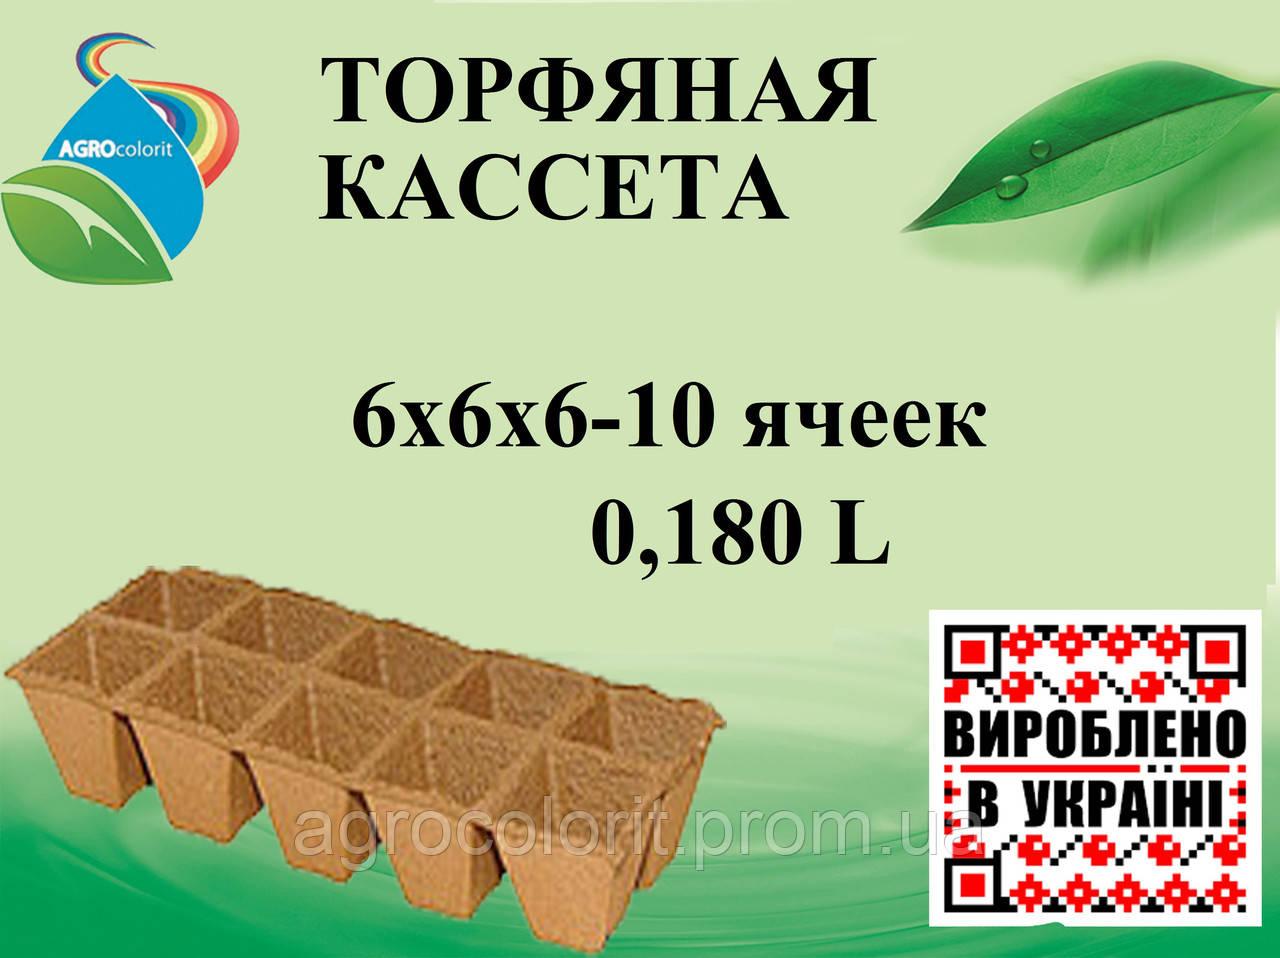 Торфяные кассеты 6х6х6 - Agrocolorit в Кременчуге